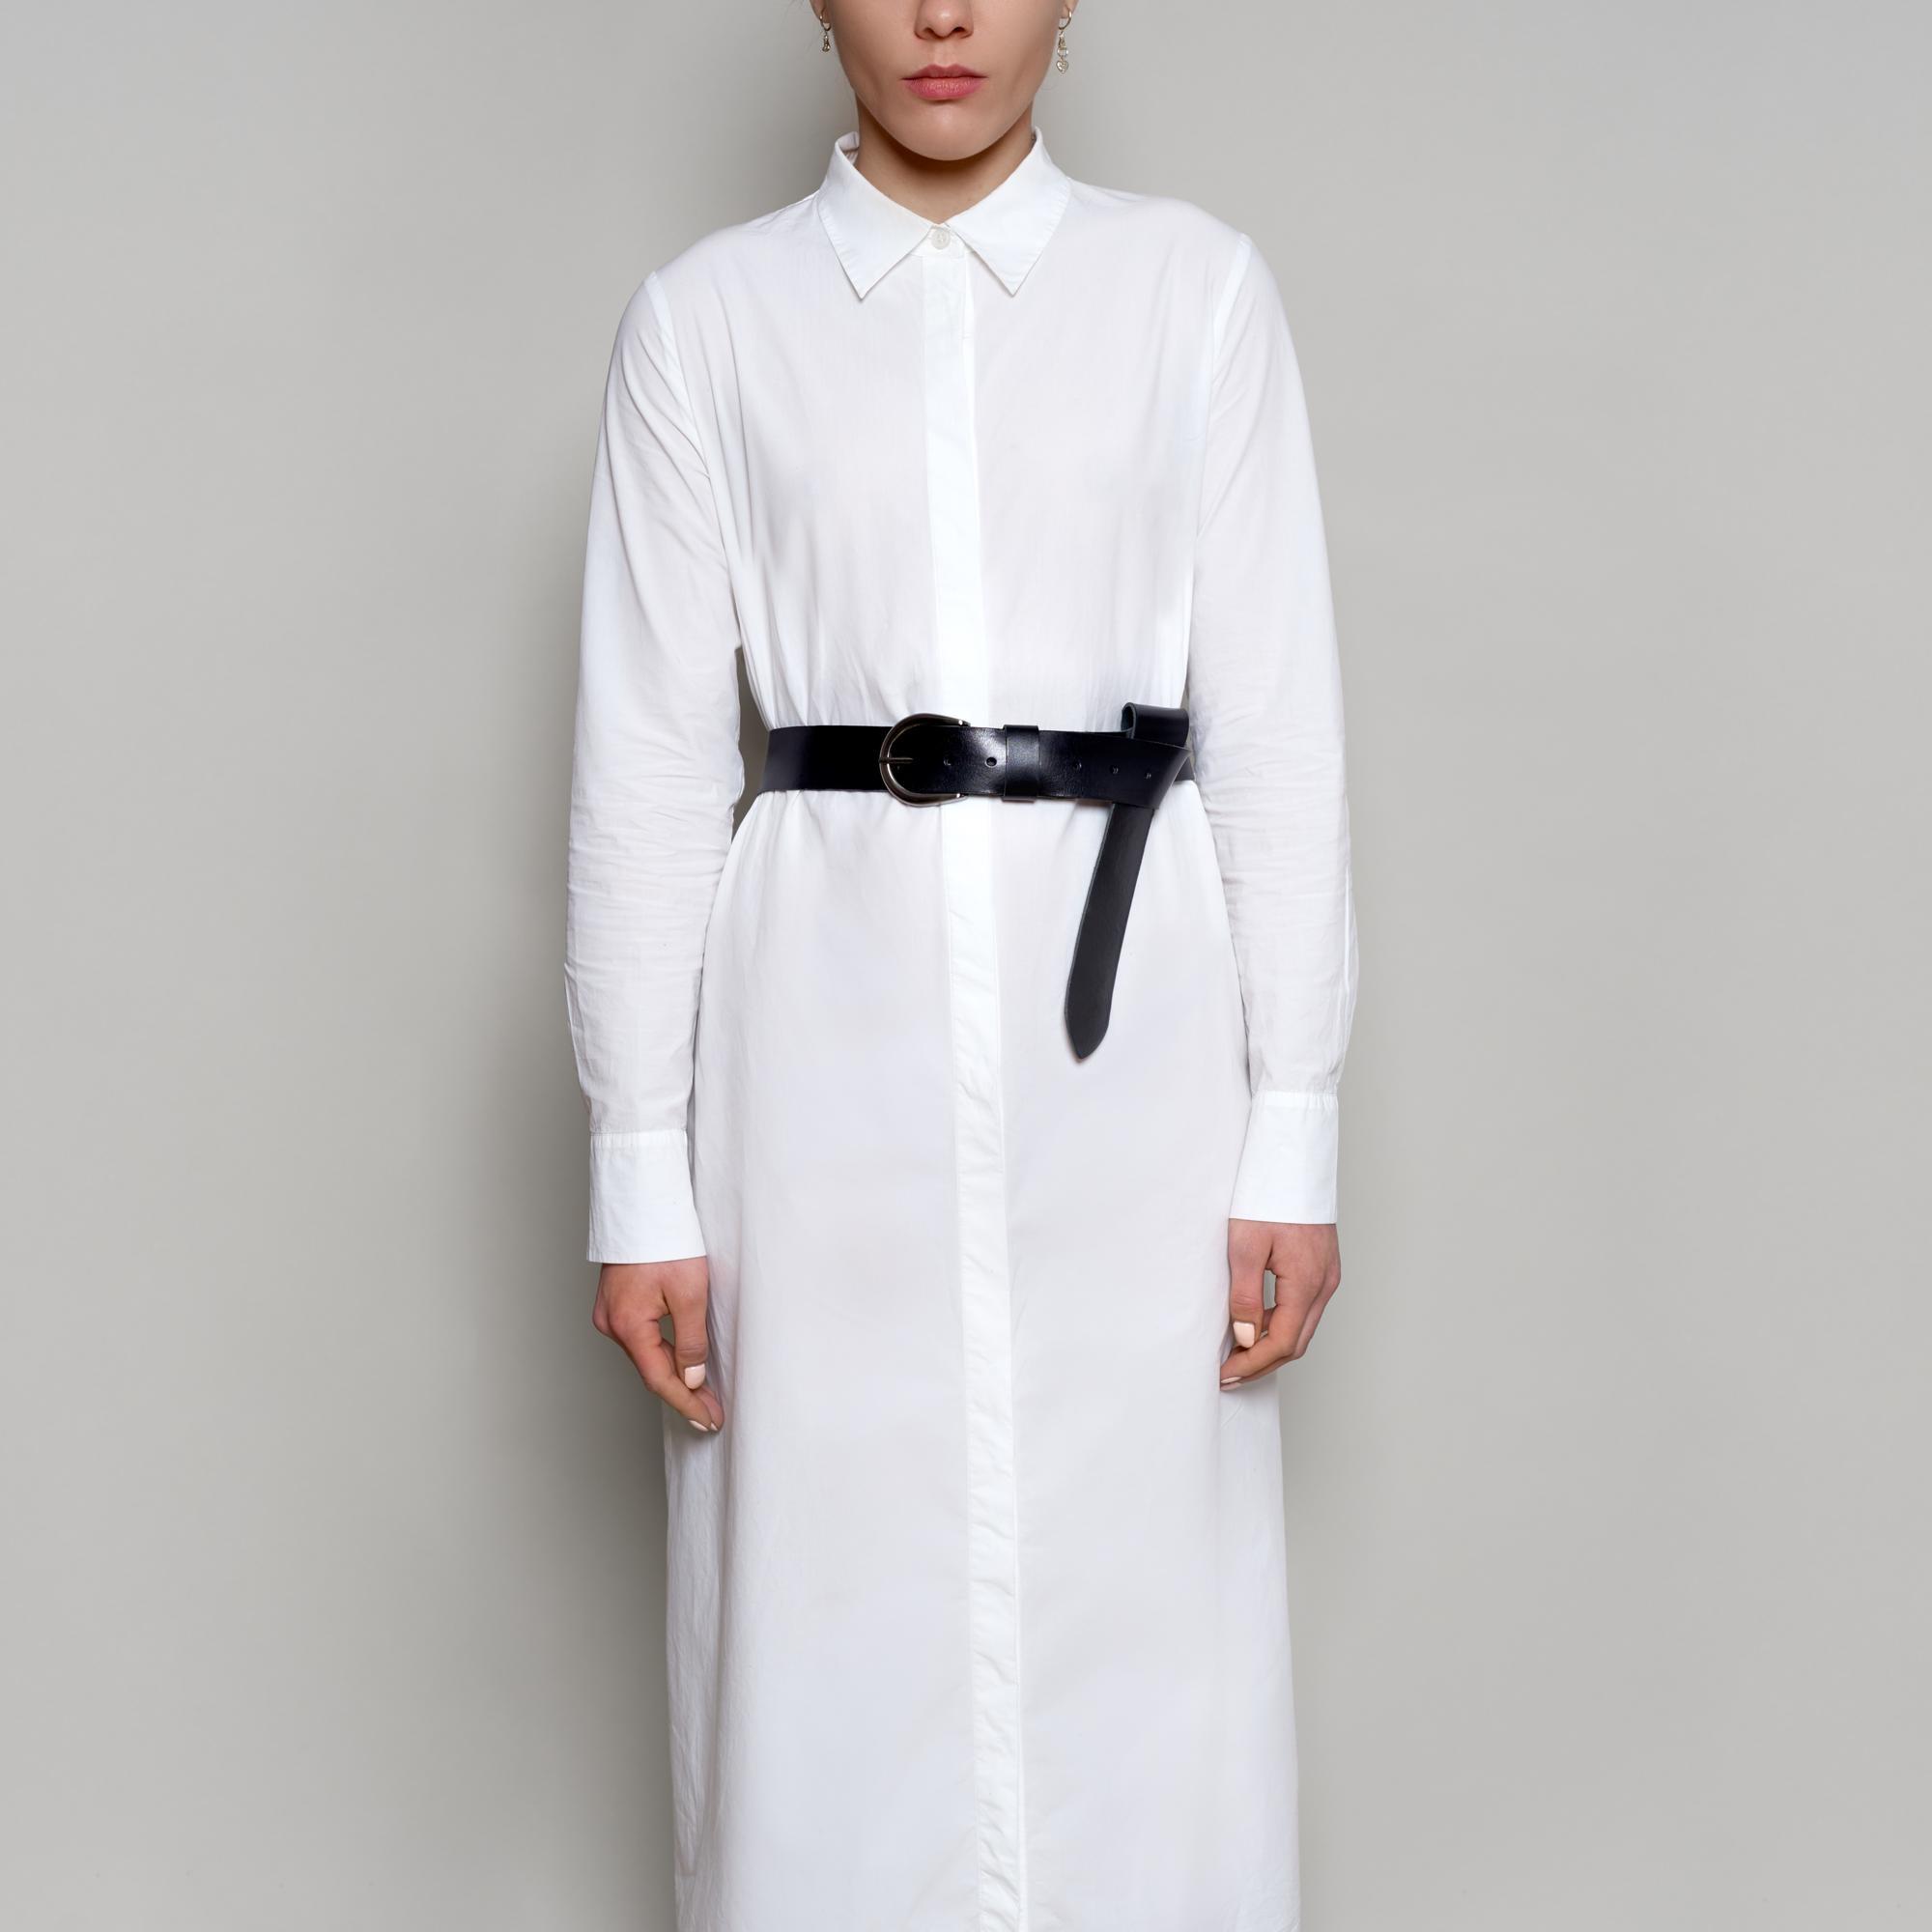 Pasek dostępny w dwóch kolorach:  czarnym jak na zdjęciu oraz w naturalnym. Szerokość 4 cm. Gruby pasek na klamrę. Idealny do marynarek, płaszczy, sukienek.  Końcówkę paska zawiązuj jak lubisz, dzięki niestandardowej szlufce.